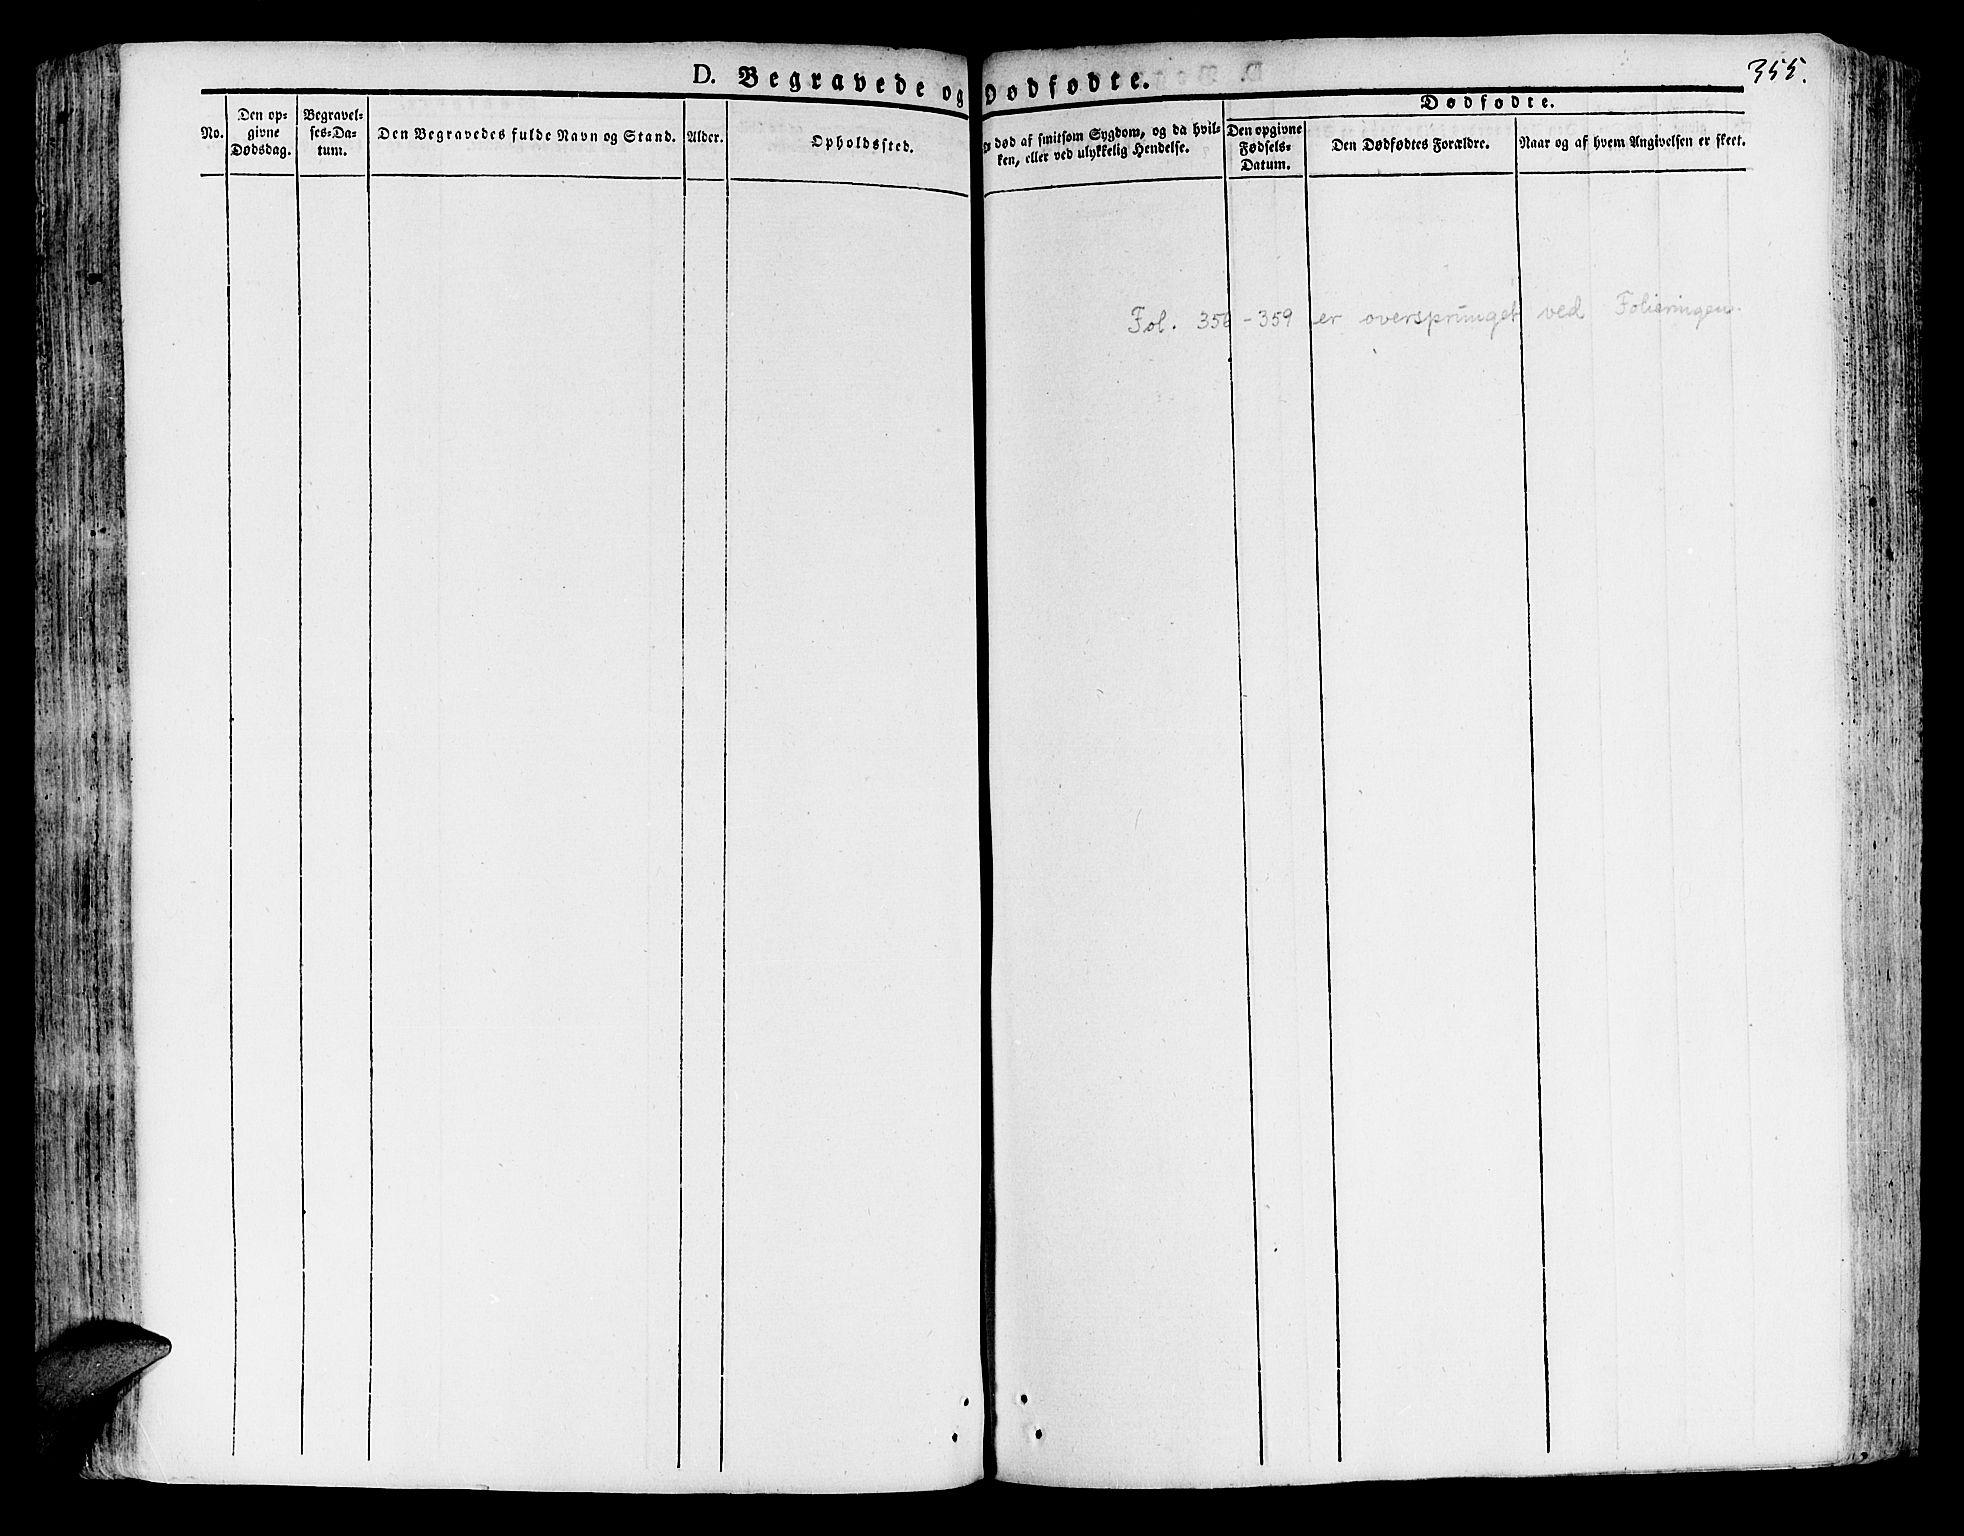 SAT, Ministerialprotokoller, klokkerbøker og fødselsregistre - Nord-Trøndelag, 717/L0152: Ministerialbok nr. 717A05 /1, 1825-1836, s. 355